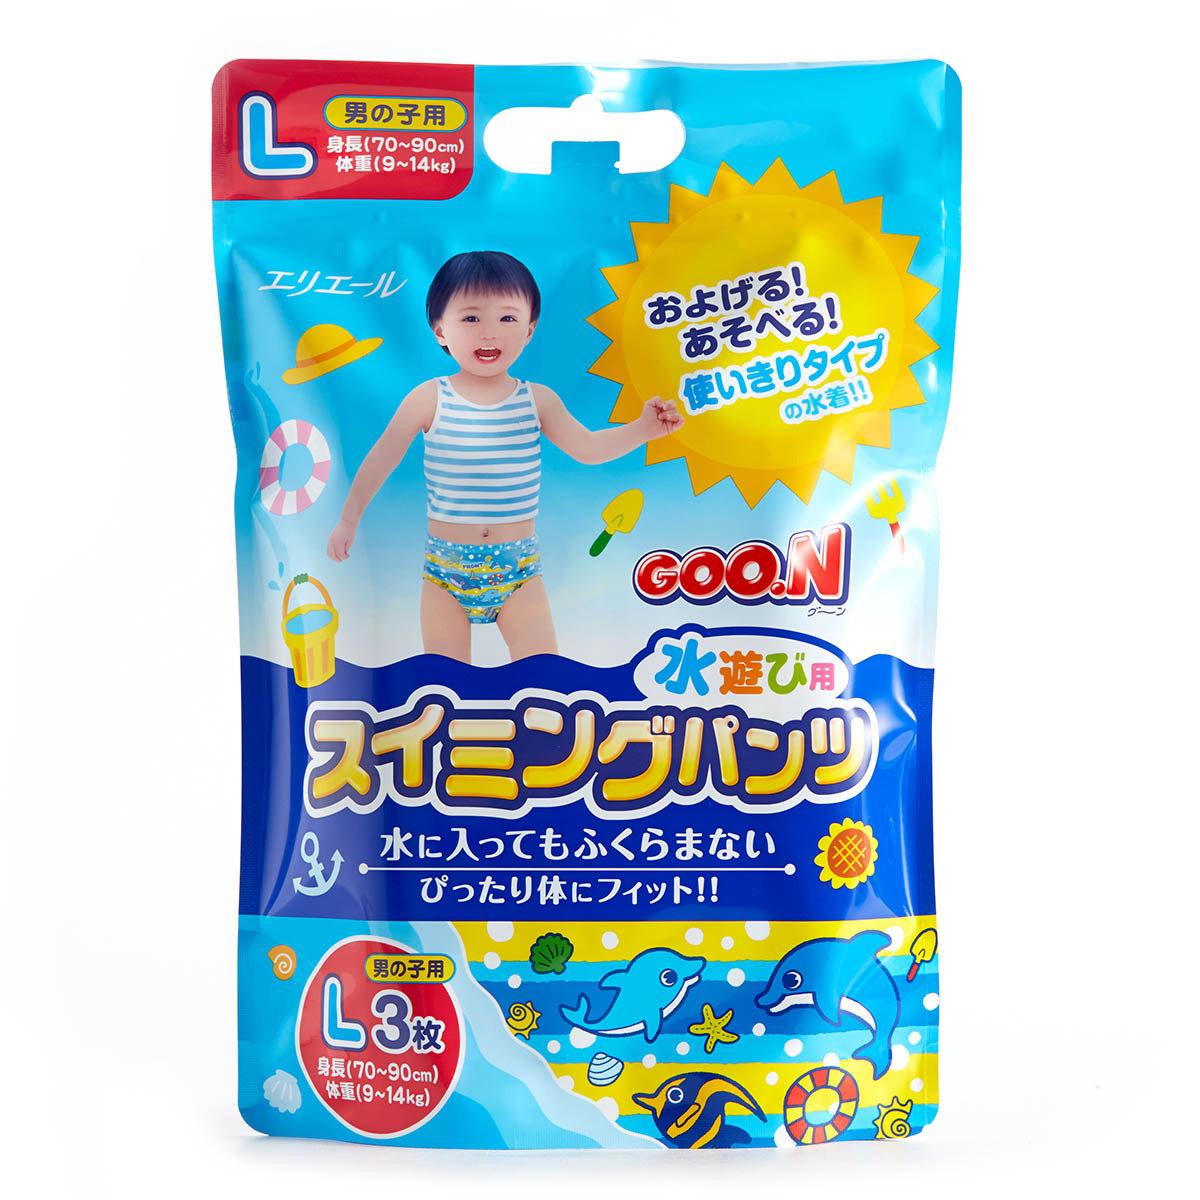 游泳專用紙尿褲大碼 (男)